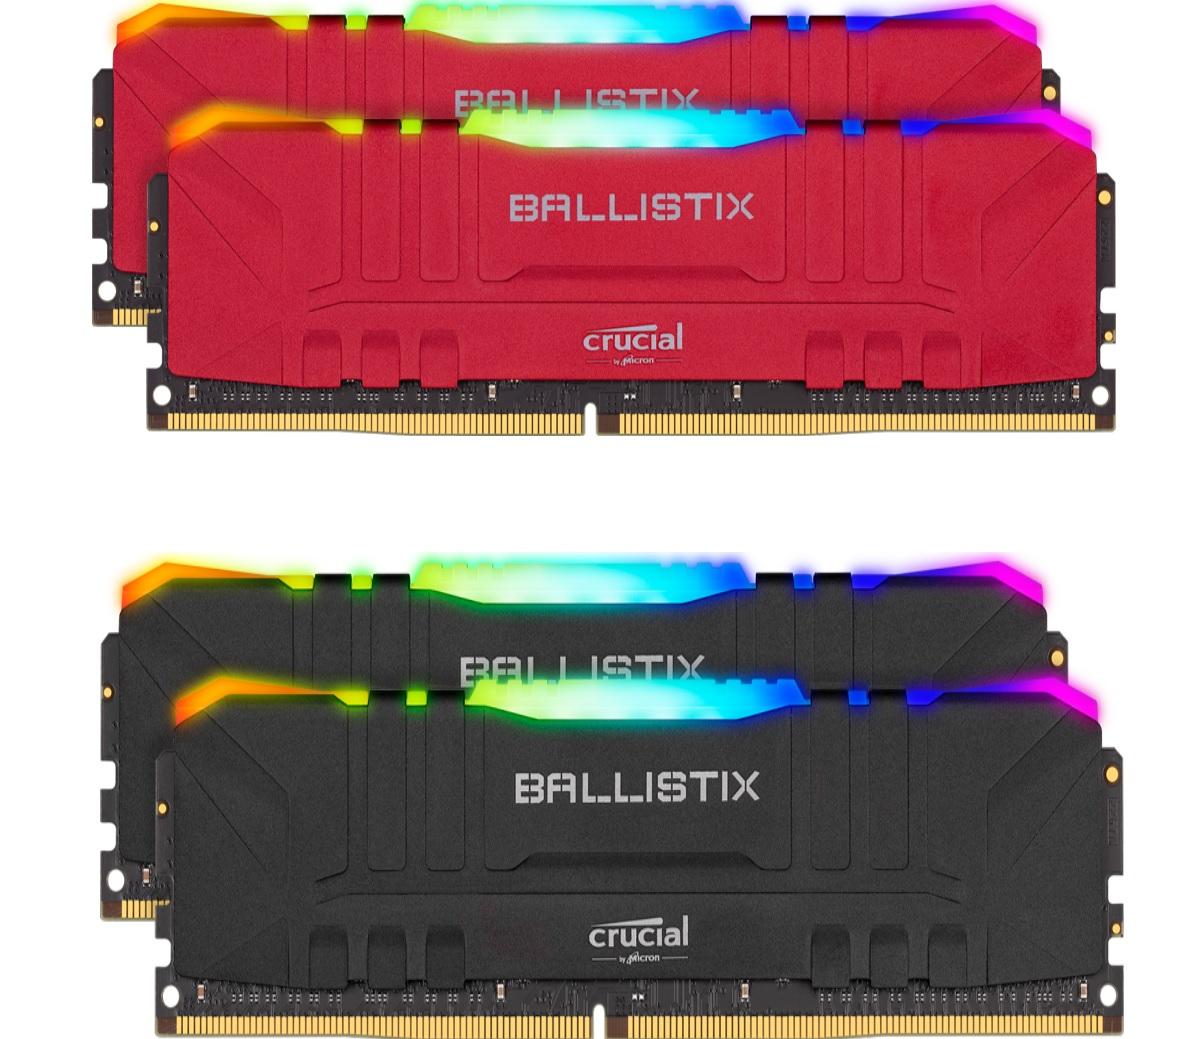 Kit Memory DDR4 Crucial Ballistix RGB 16 GB (2 x 8 GB) - 3600 MHz, CL16 Schwarz oder Rot (Crucial Store) GUTSCHEINCODE